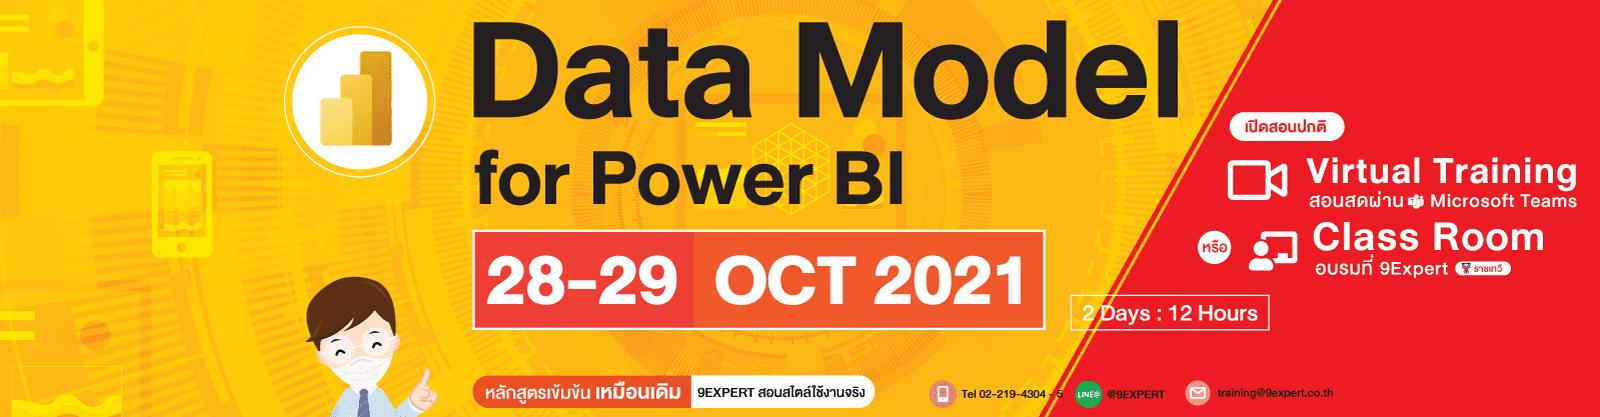 หลักสูตร Data Model for Power BI (2days) 28 - 29 ตุลาคม 2564